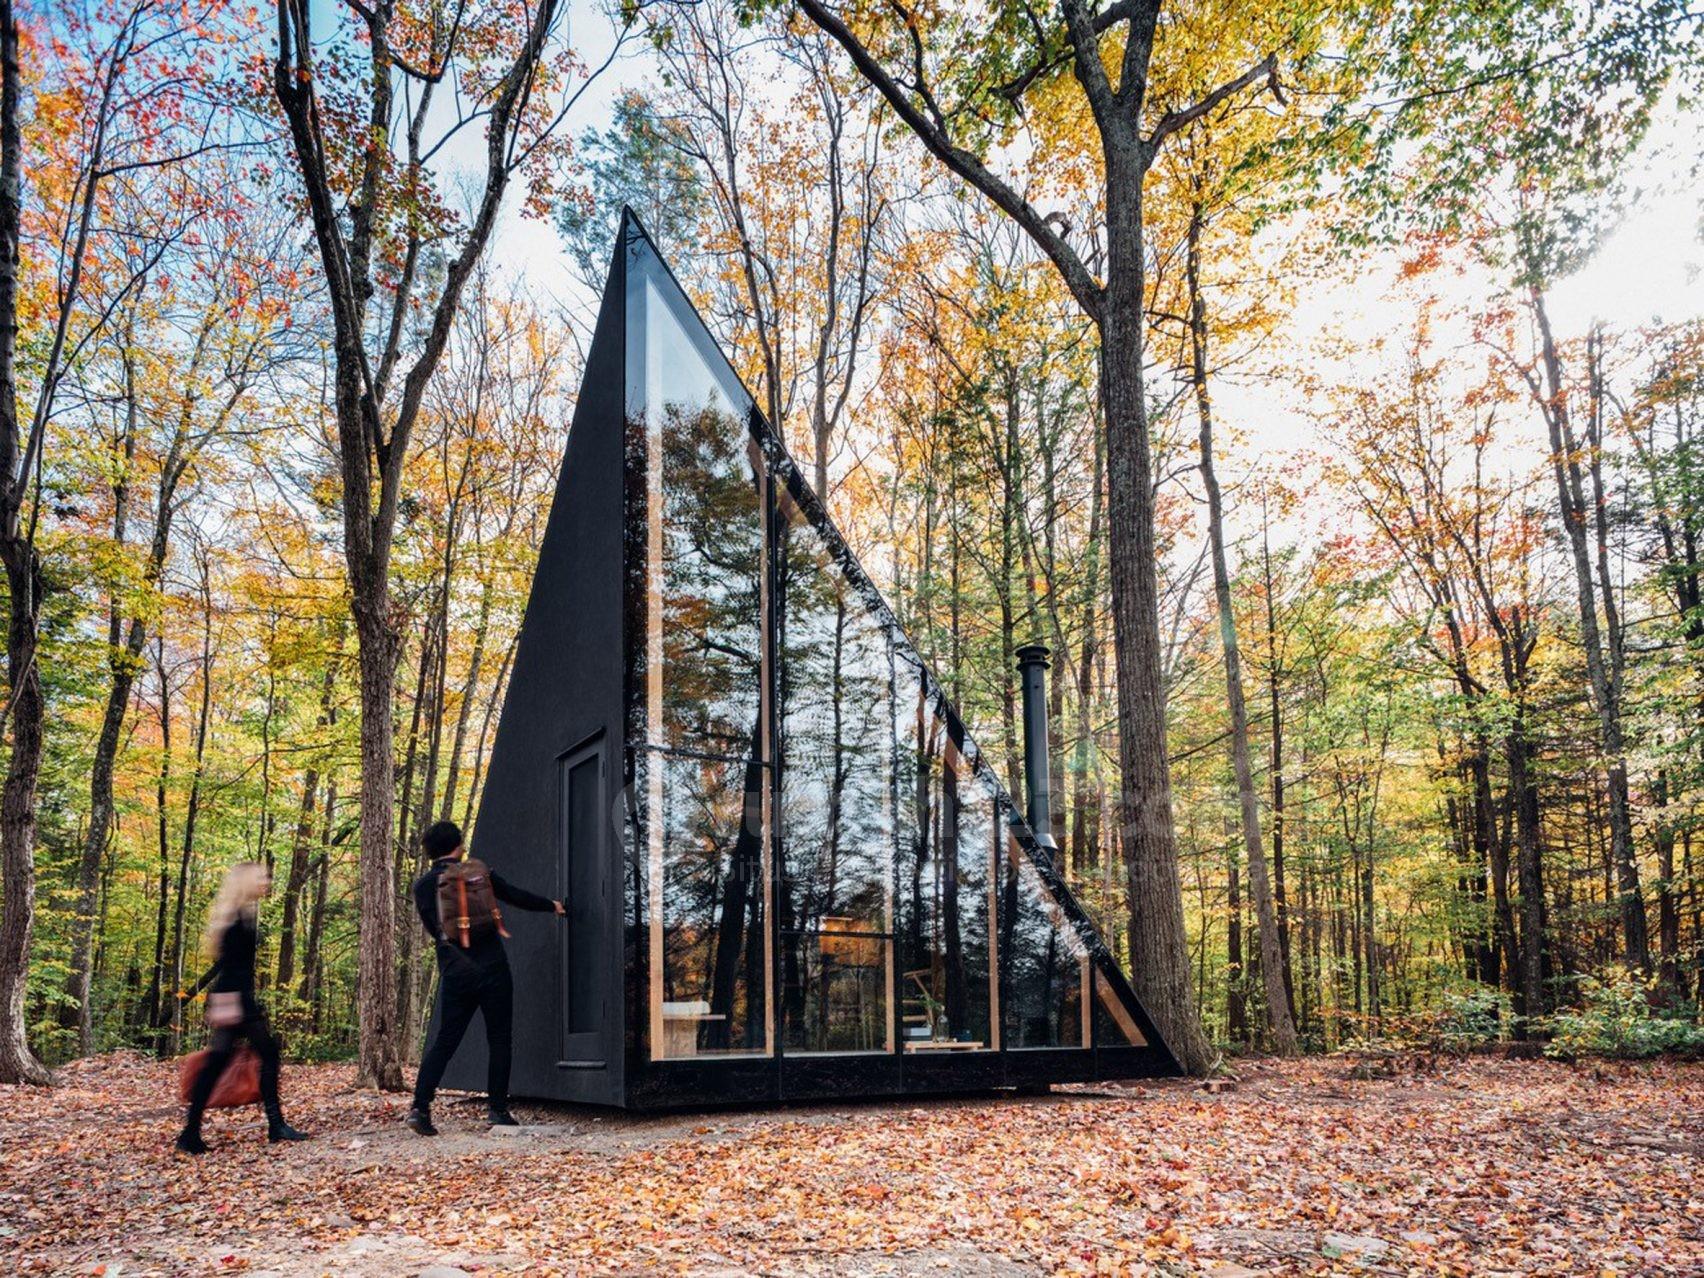 440 Gambar Desain Rumah Hutan HD Terbaru Download Gratis